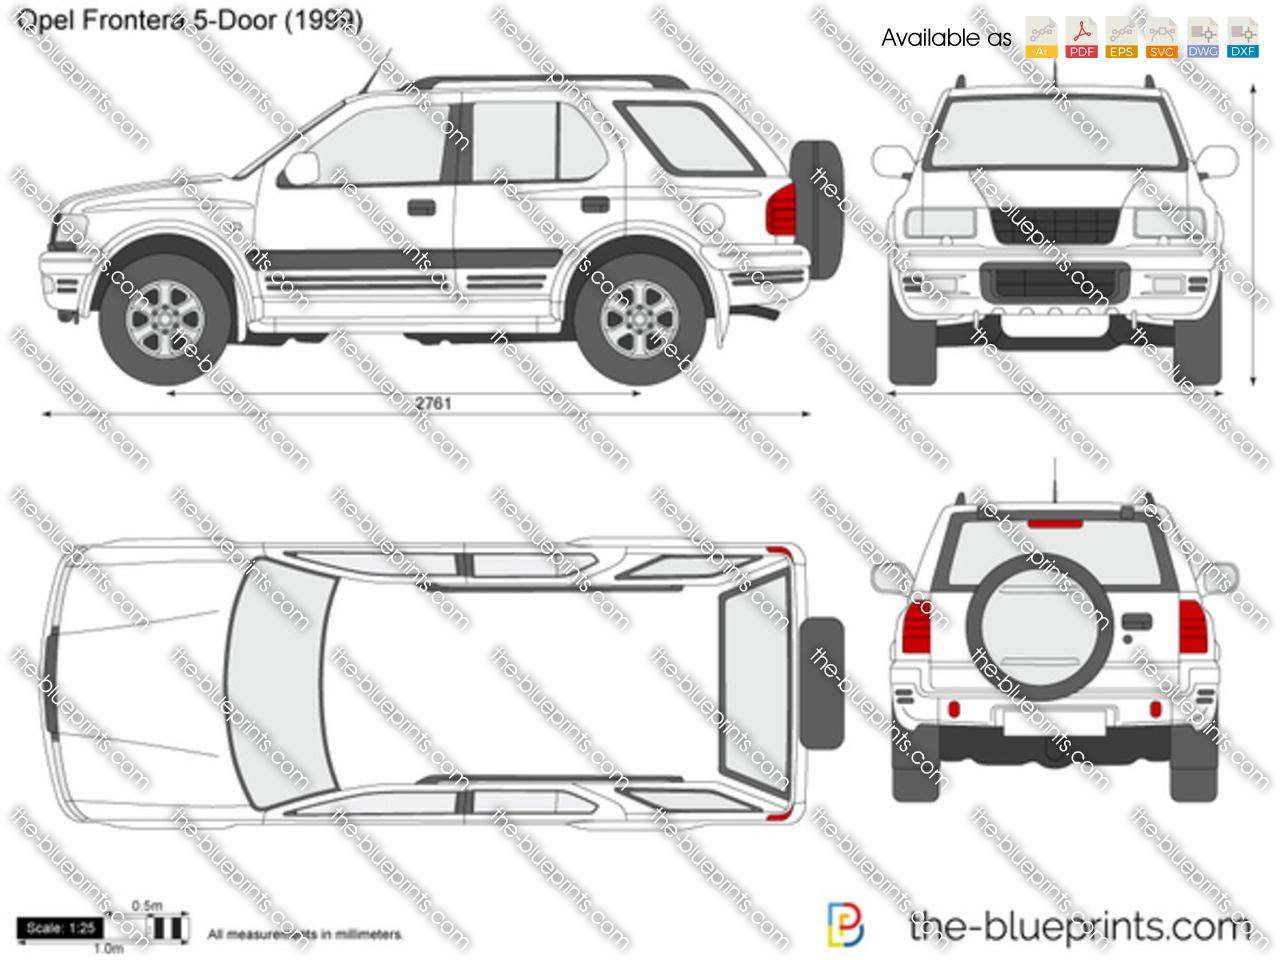 Opel Frontera 5 Door Vector Drawing